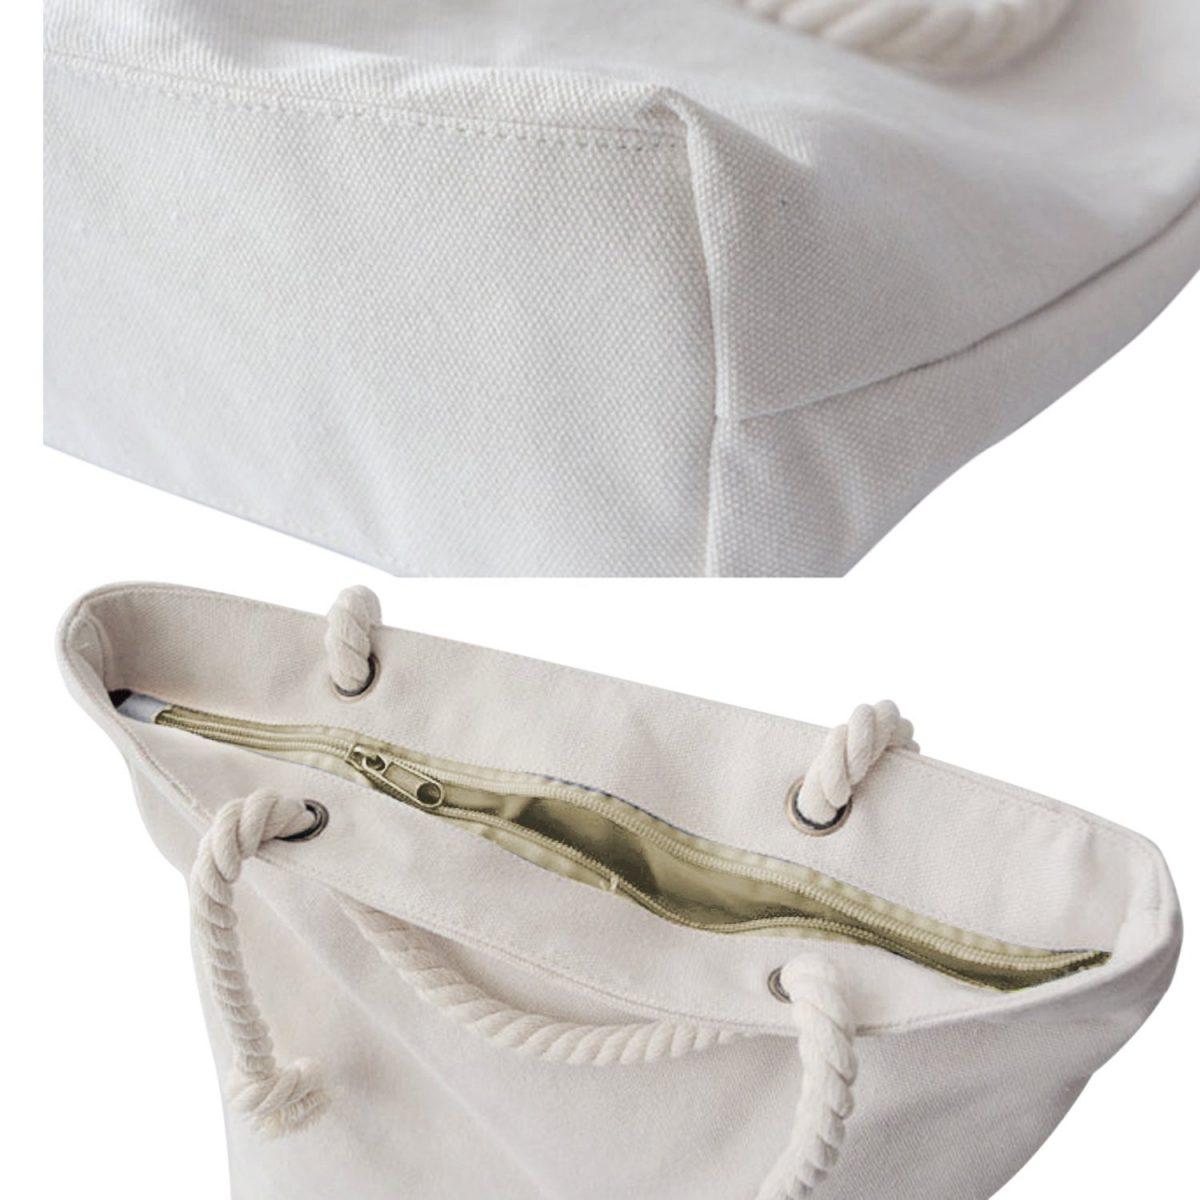 Mermer Zeminli Geometrik Desenli Modern Fermuarlı Kumaş Çanta Realhomes